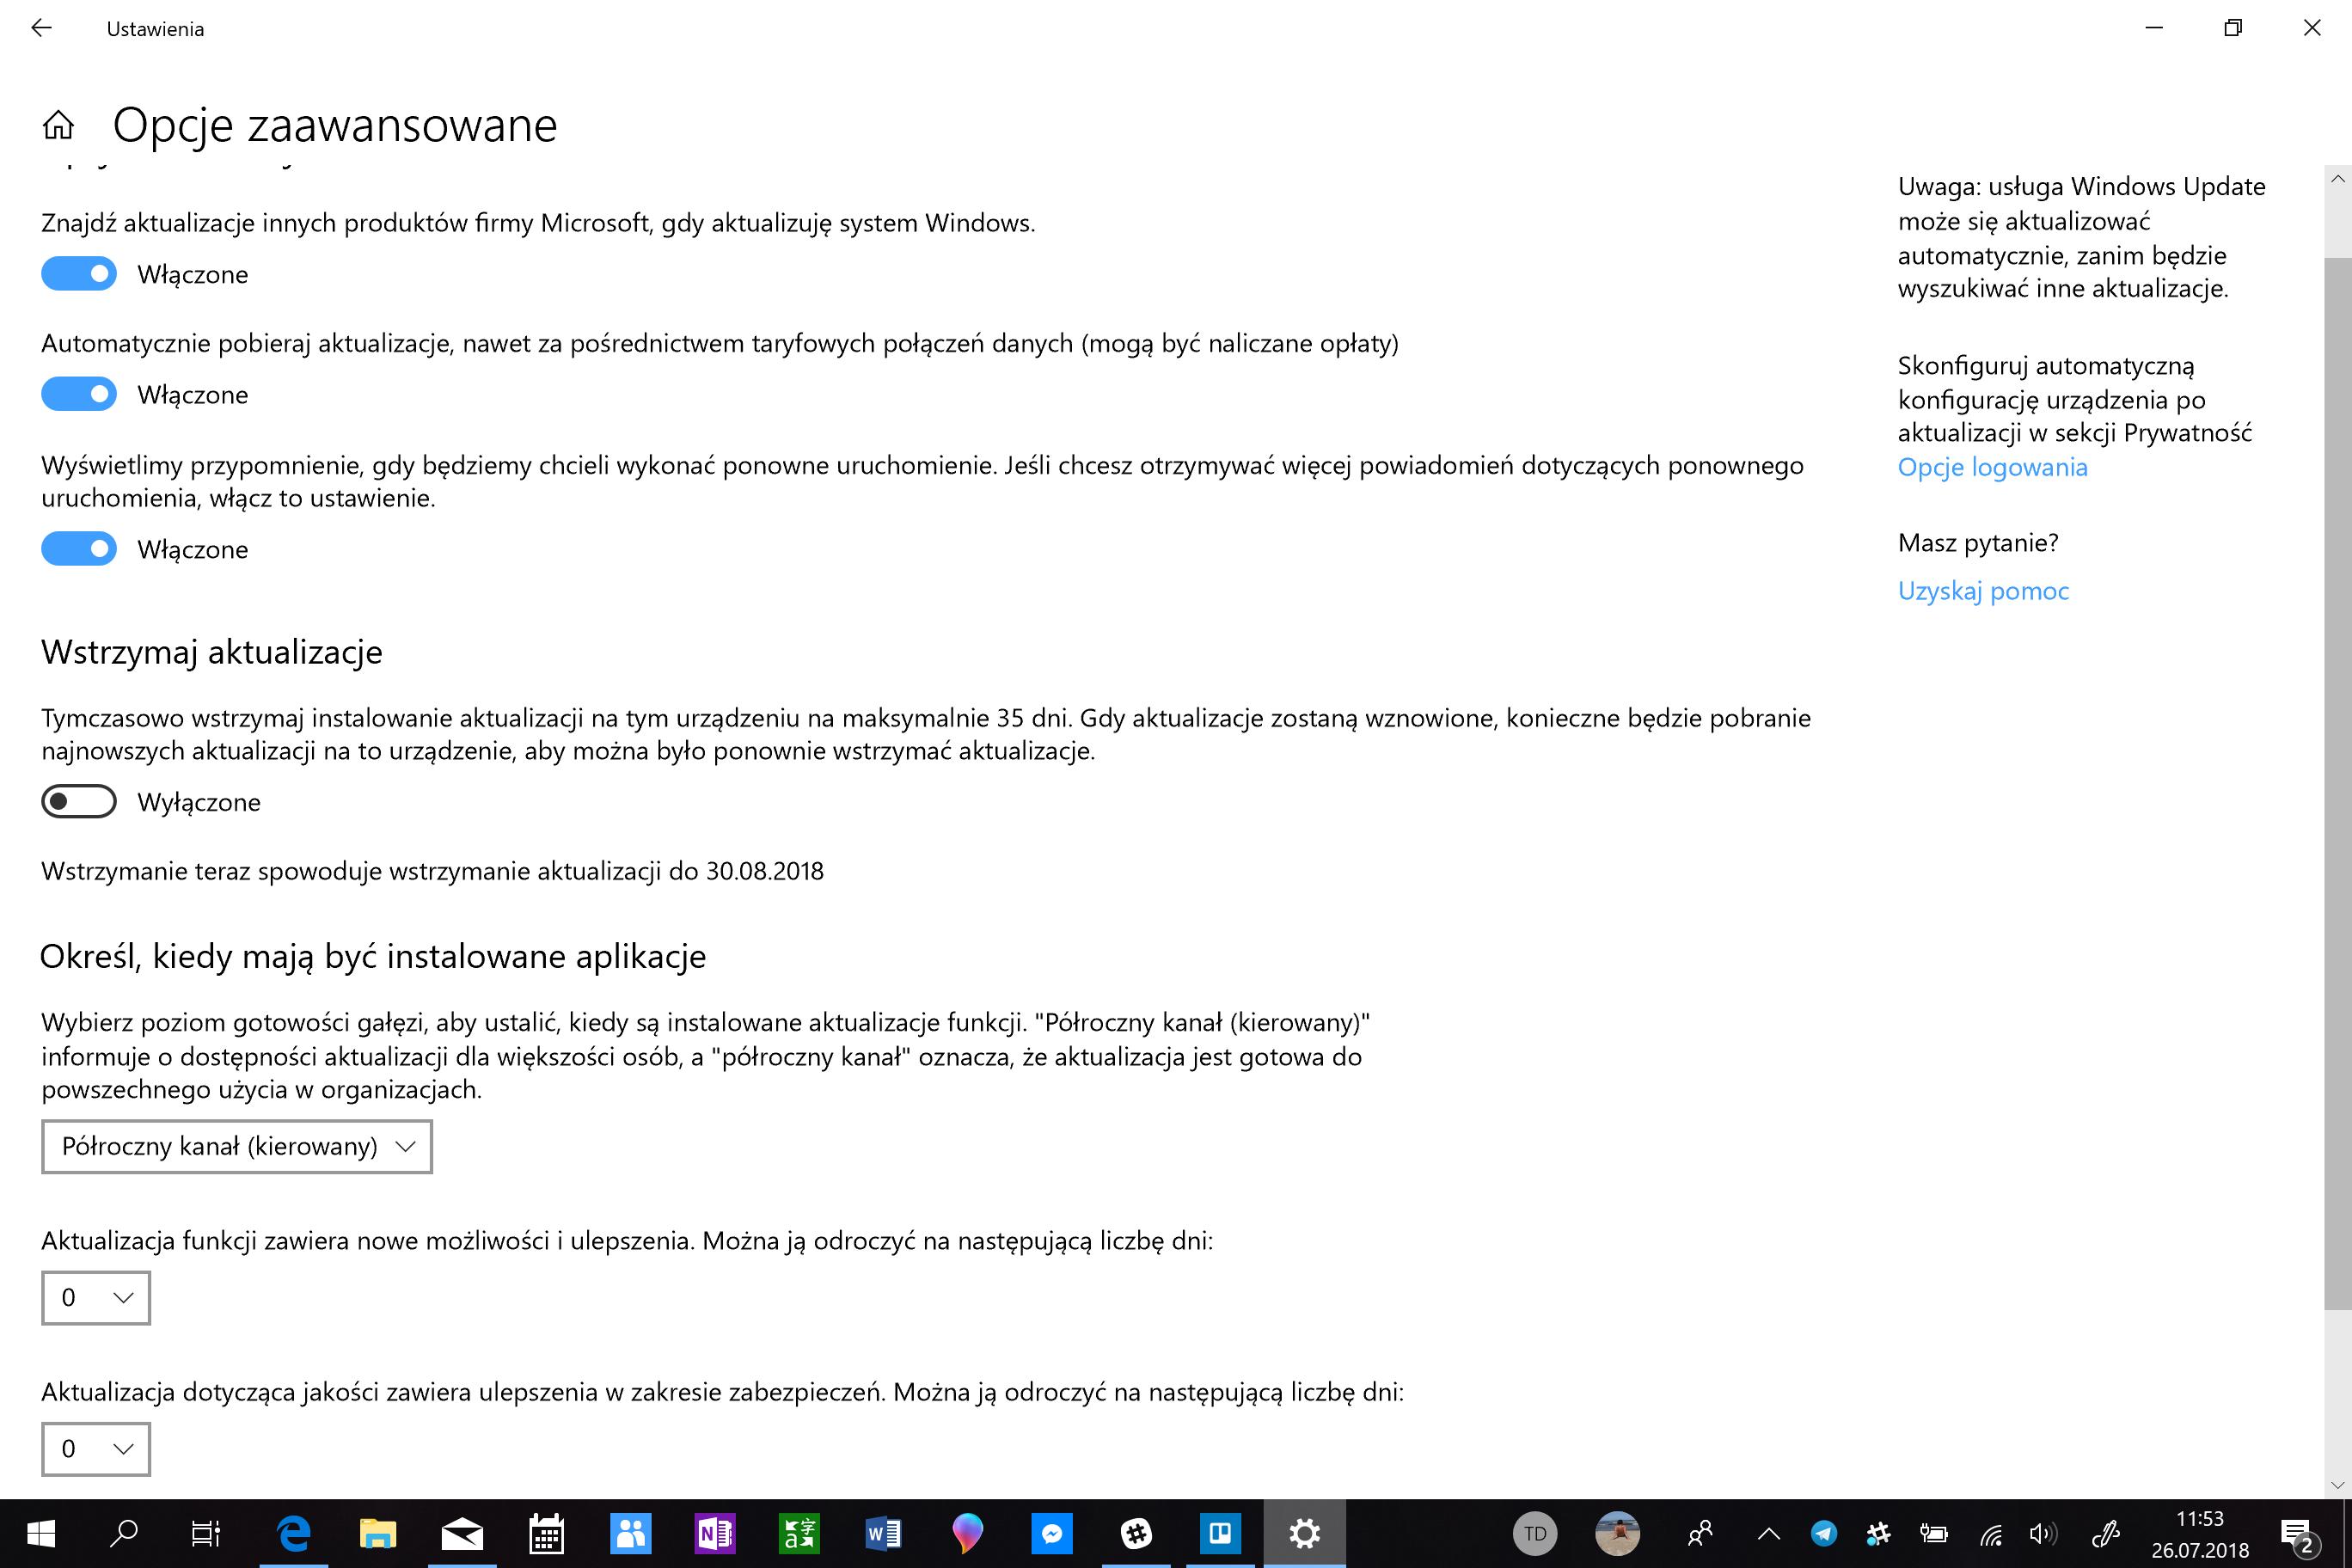 Zmiany w aktualizacji Windowsa